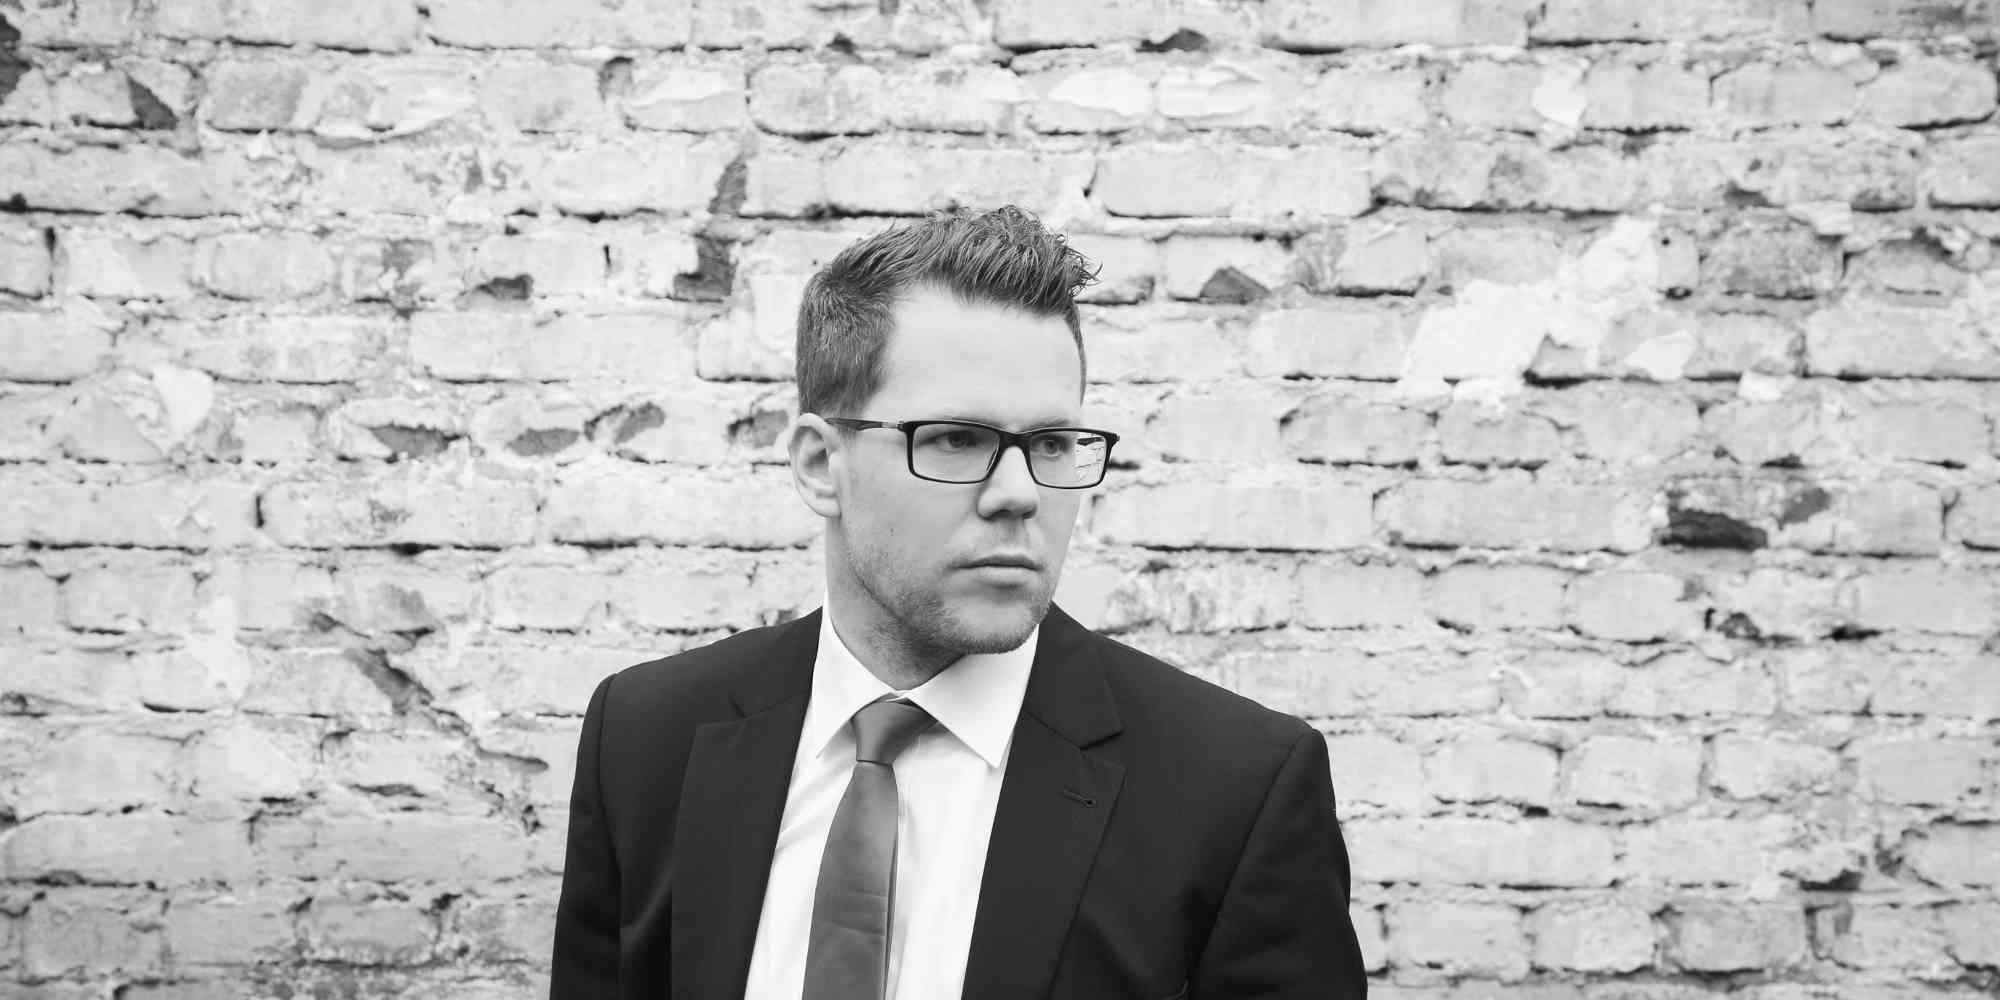 Profilbild Rechtsanwalt und Strafverteidiger Isselhorst